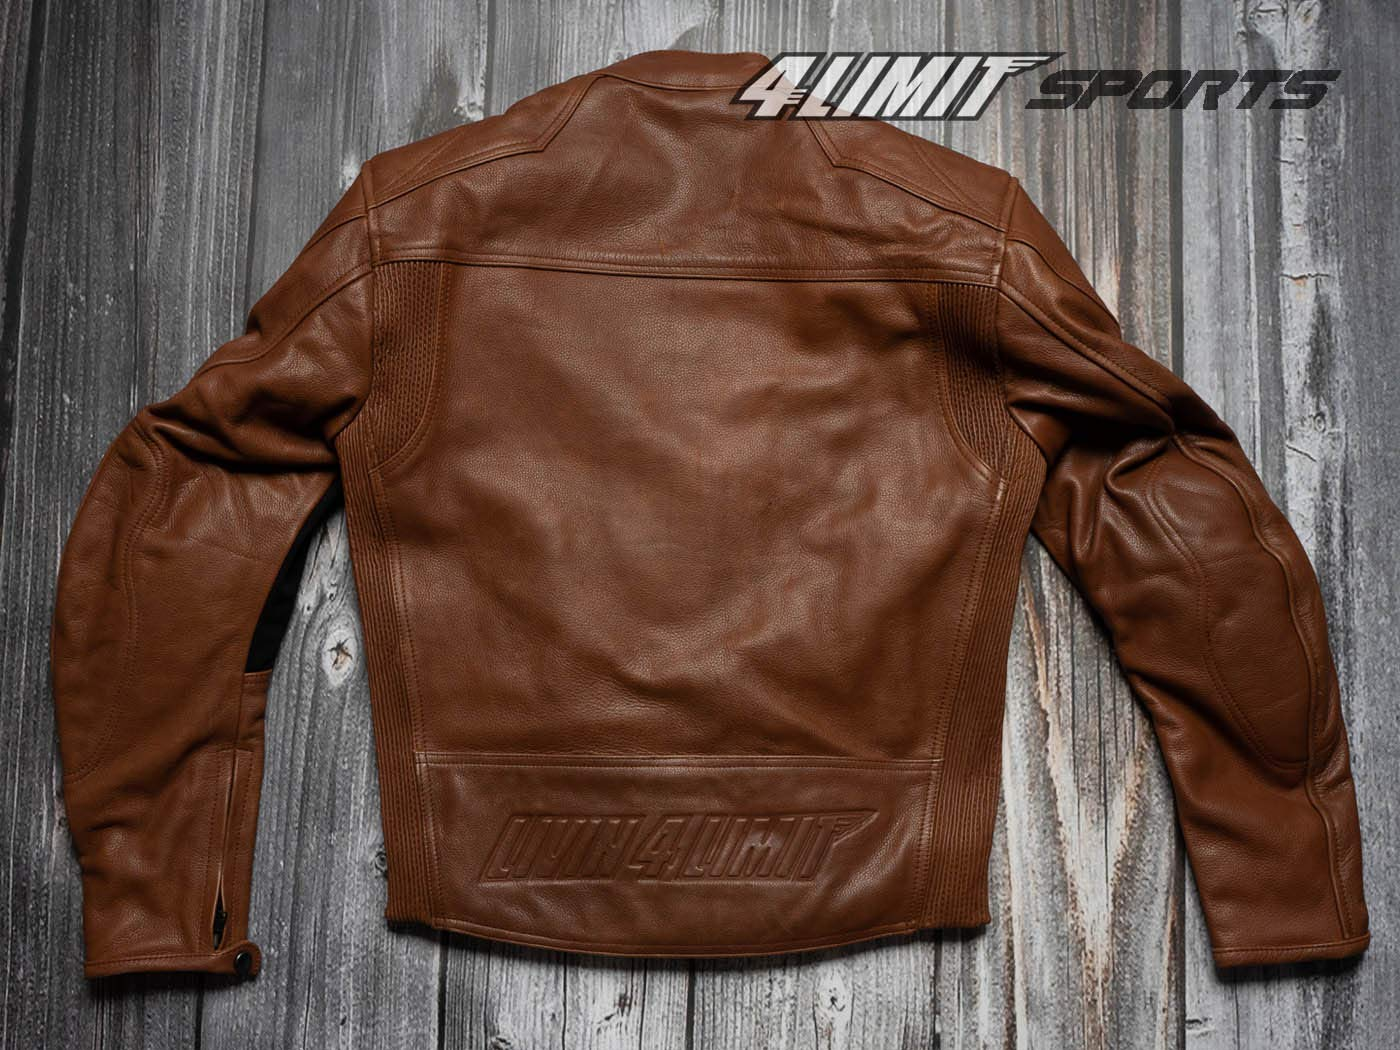 4LIMIT Sports Herren Motorradjacke Leder STREETBANDIT Biker Rocker Motorrad Jacke Lederjacke vintage braun